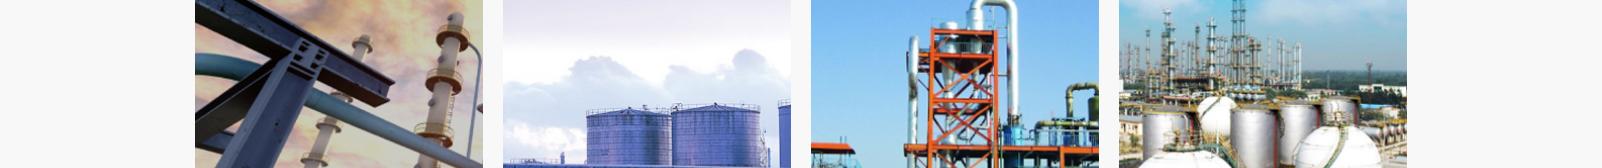 网站建设设计案例_营销型网站制作案例